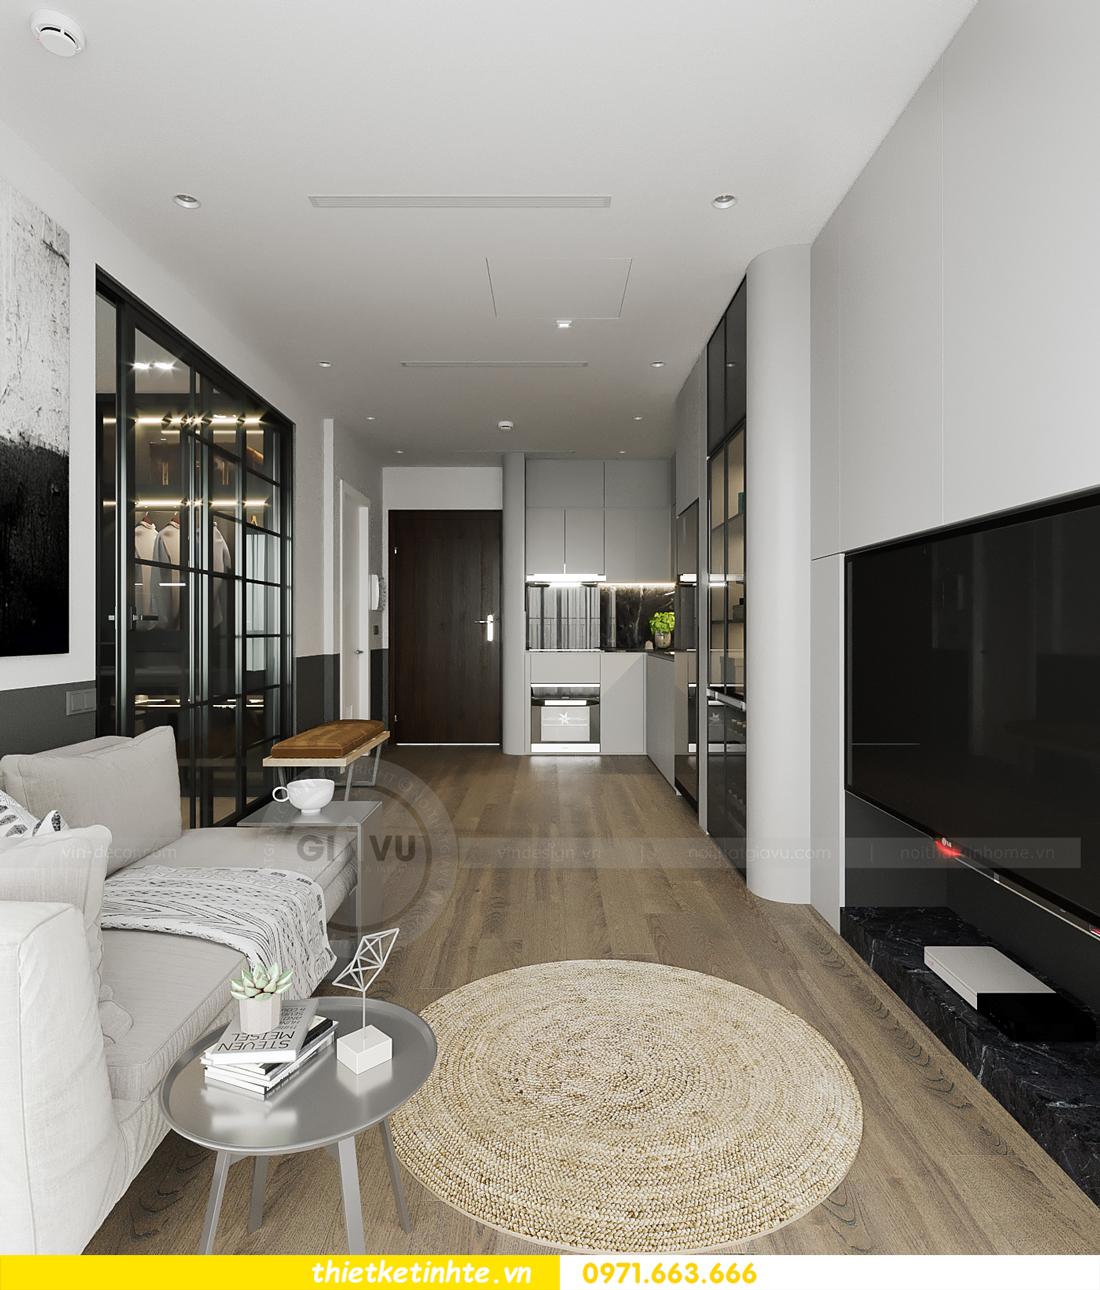 thiết kế nội thất căn hộ 1PN + 1 tại Vinhomes Smart City 6